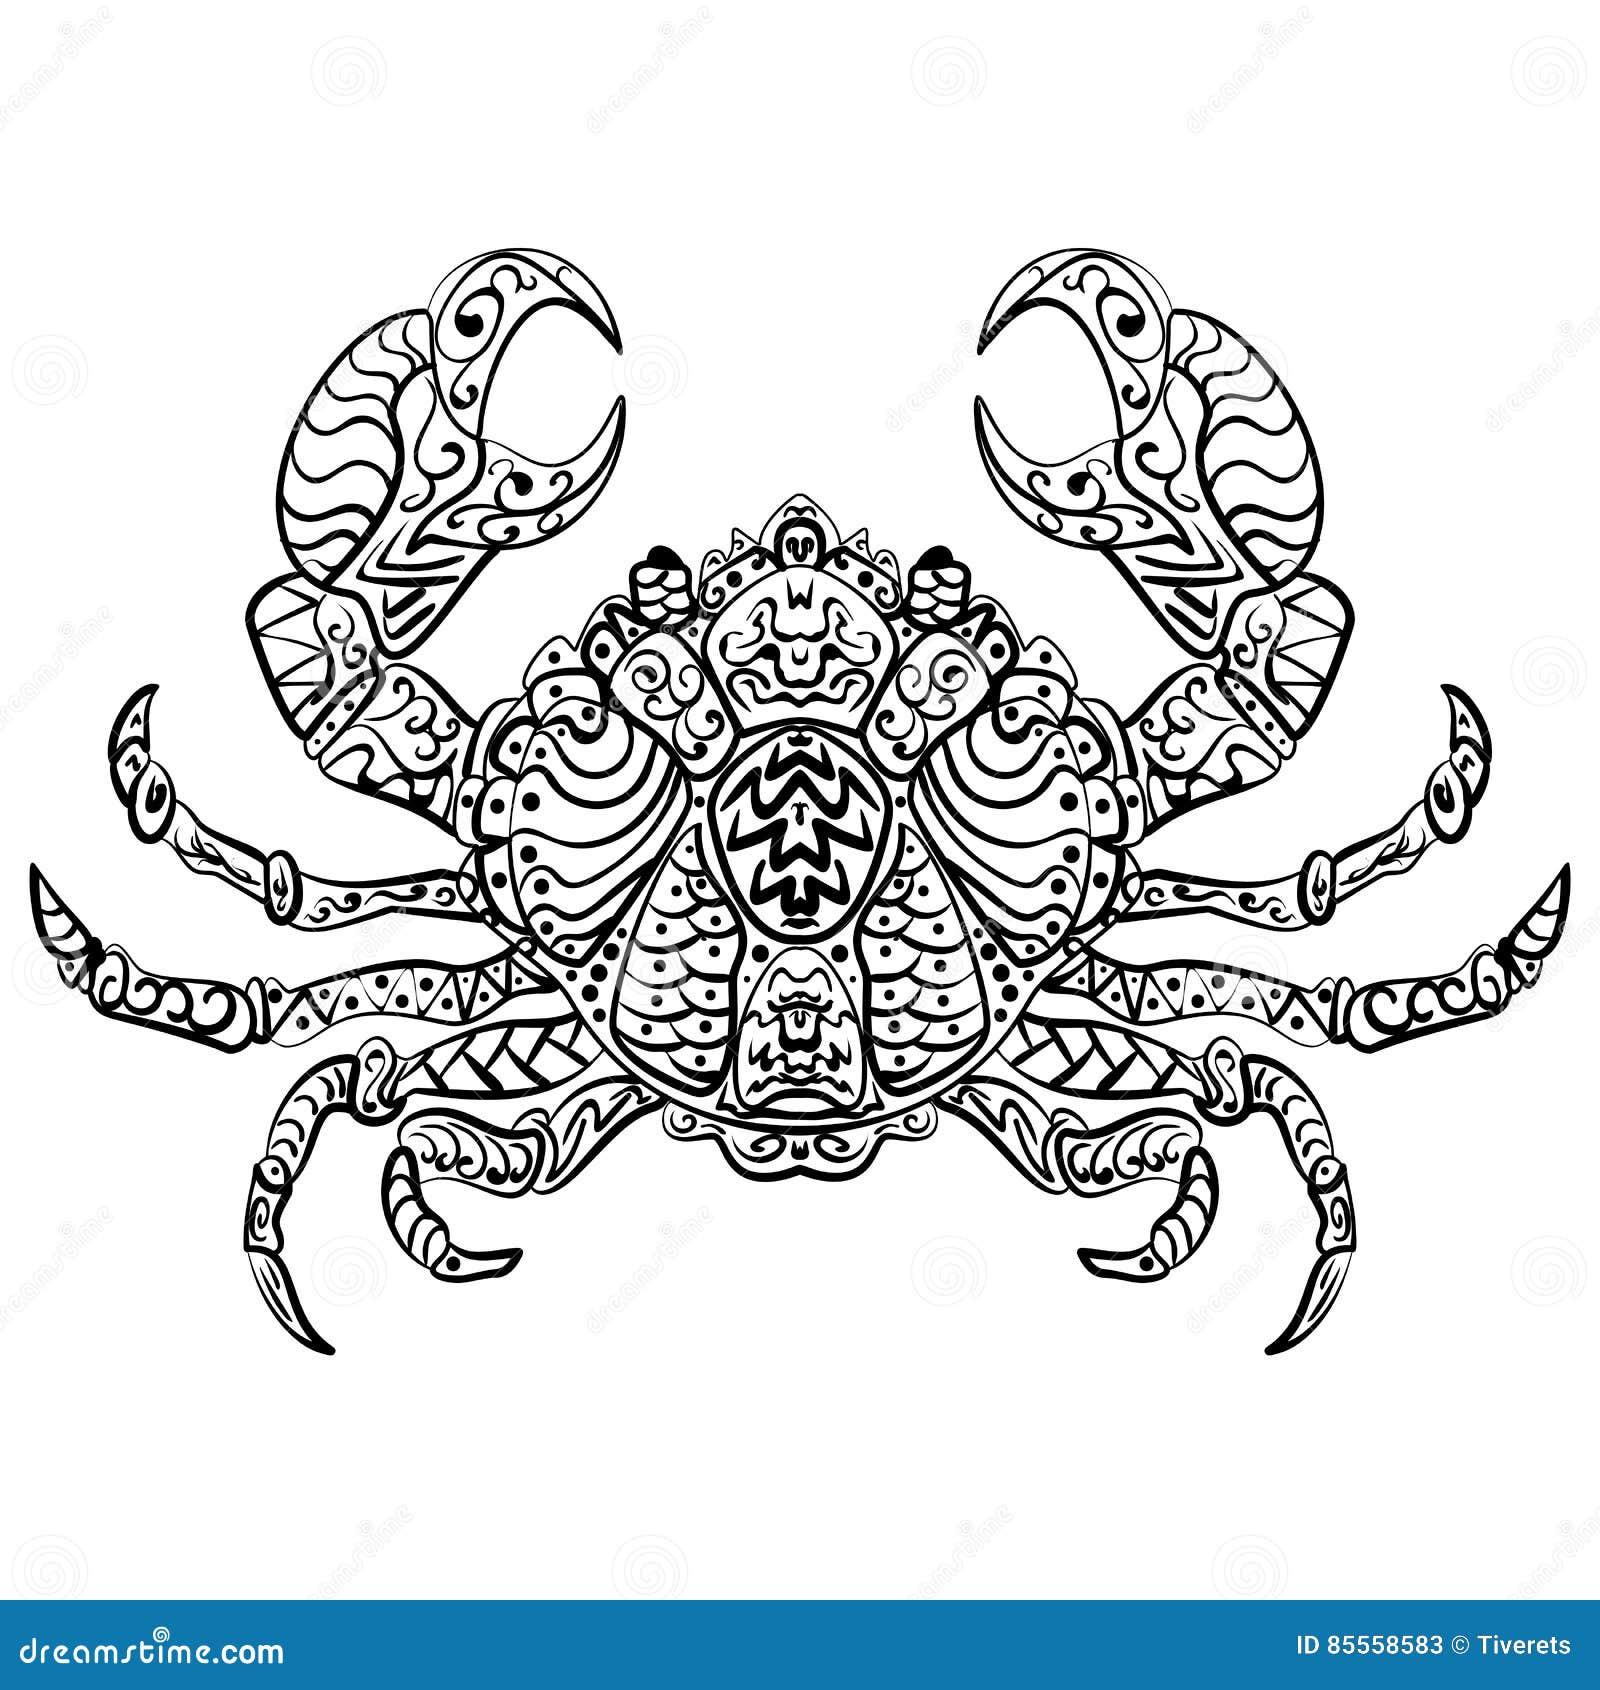 Zentangle stilisierte Vektorillustrationskrabbe